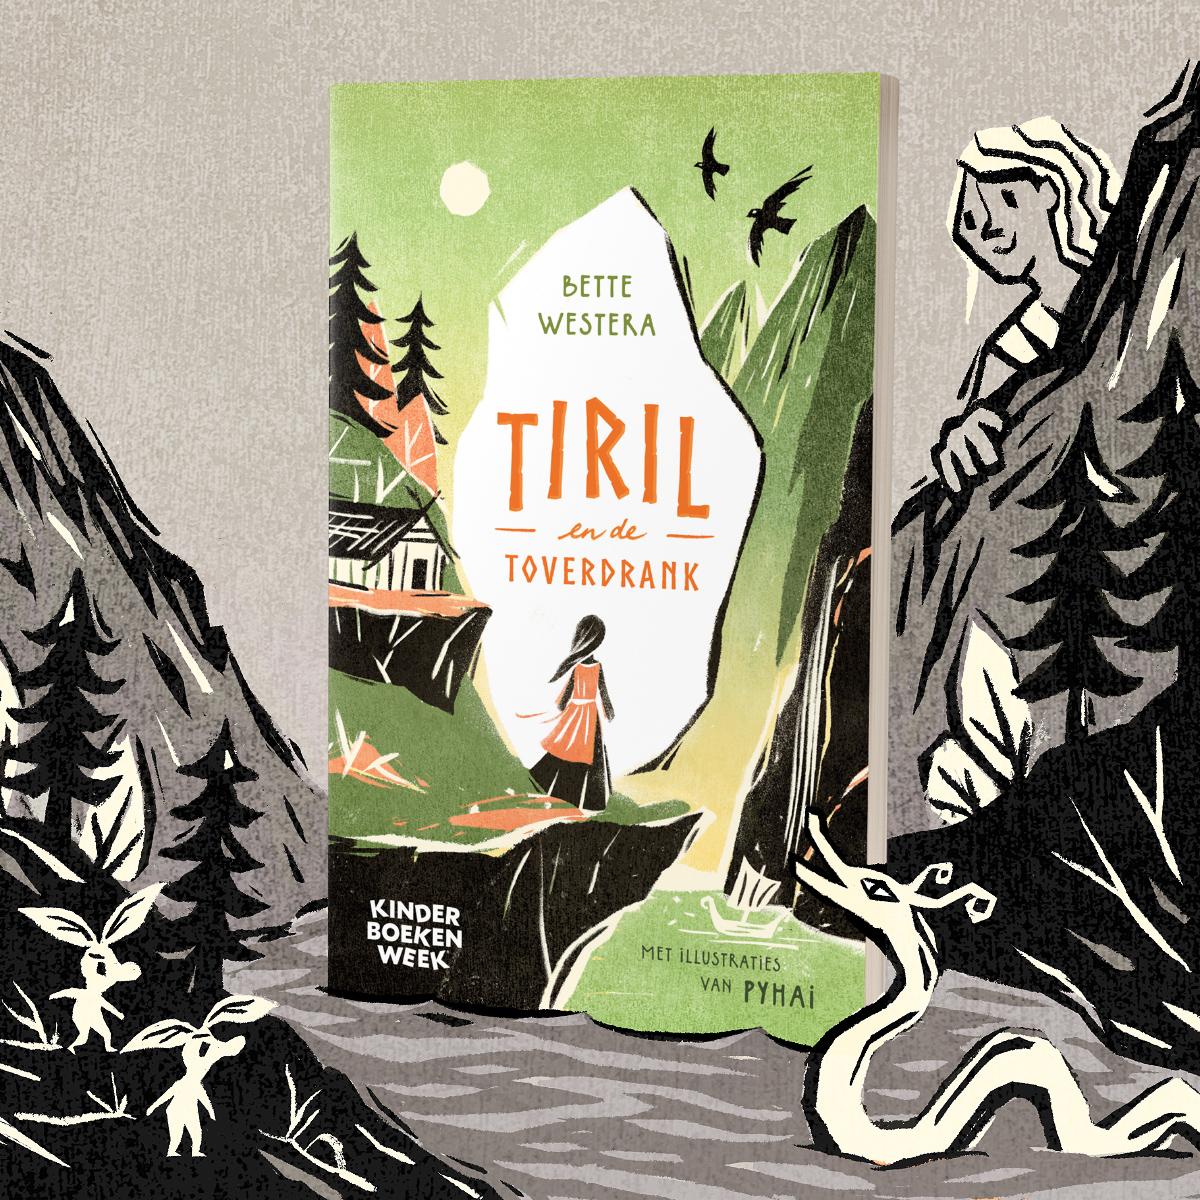 Tiril en de toverdrank - door Bette Westera - illustraties door Pyhai - Kinderboekenweekgeschenk 2021